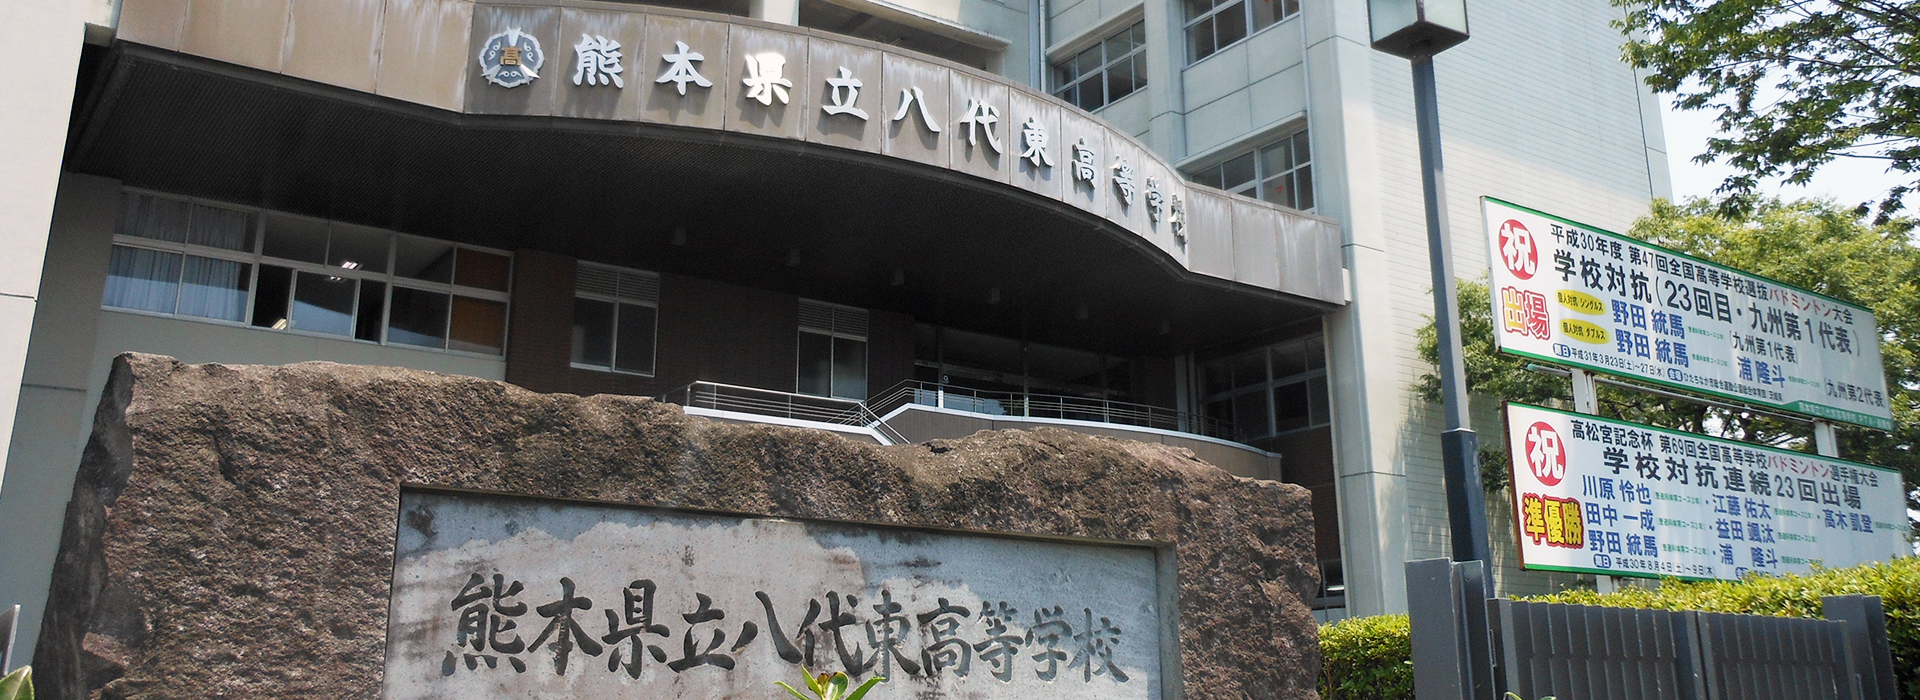 熊本県立八代東高等学校 同窓会総会・懇親会